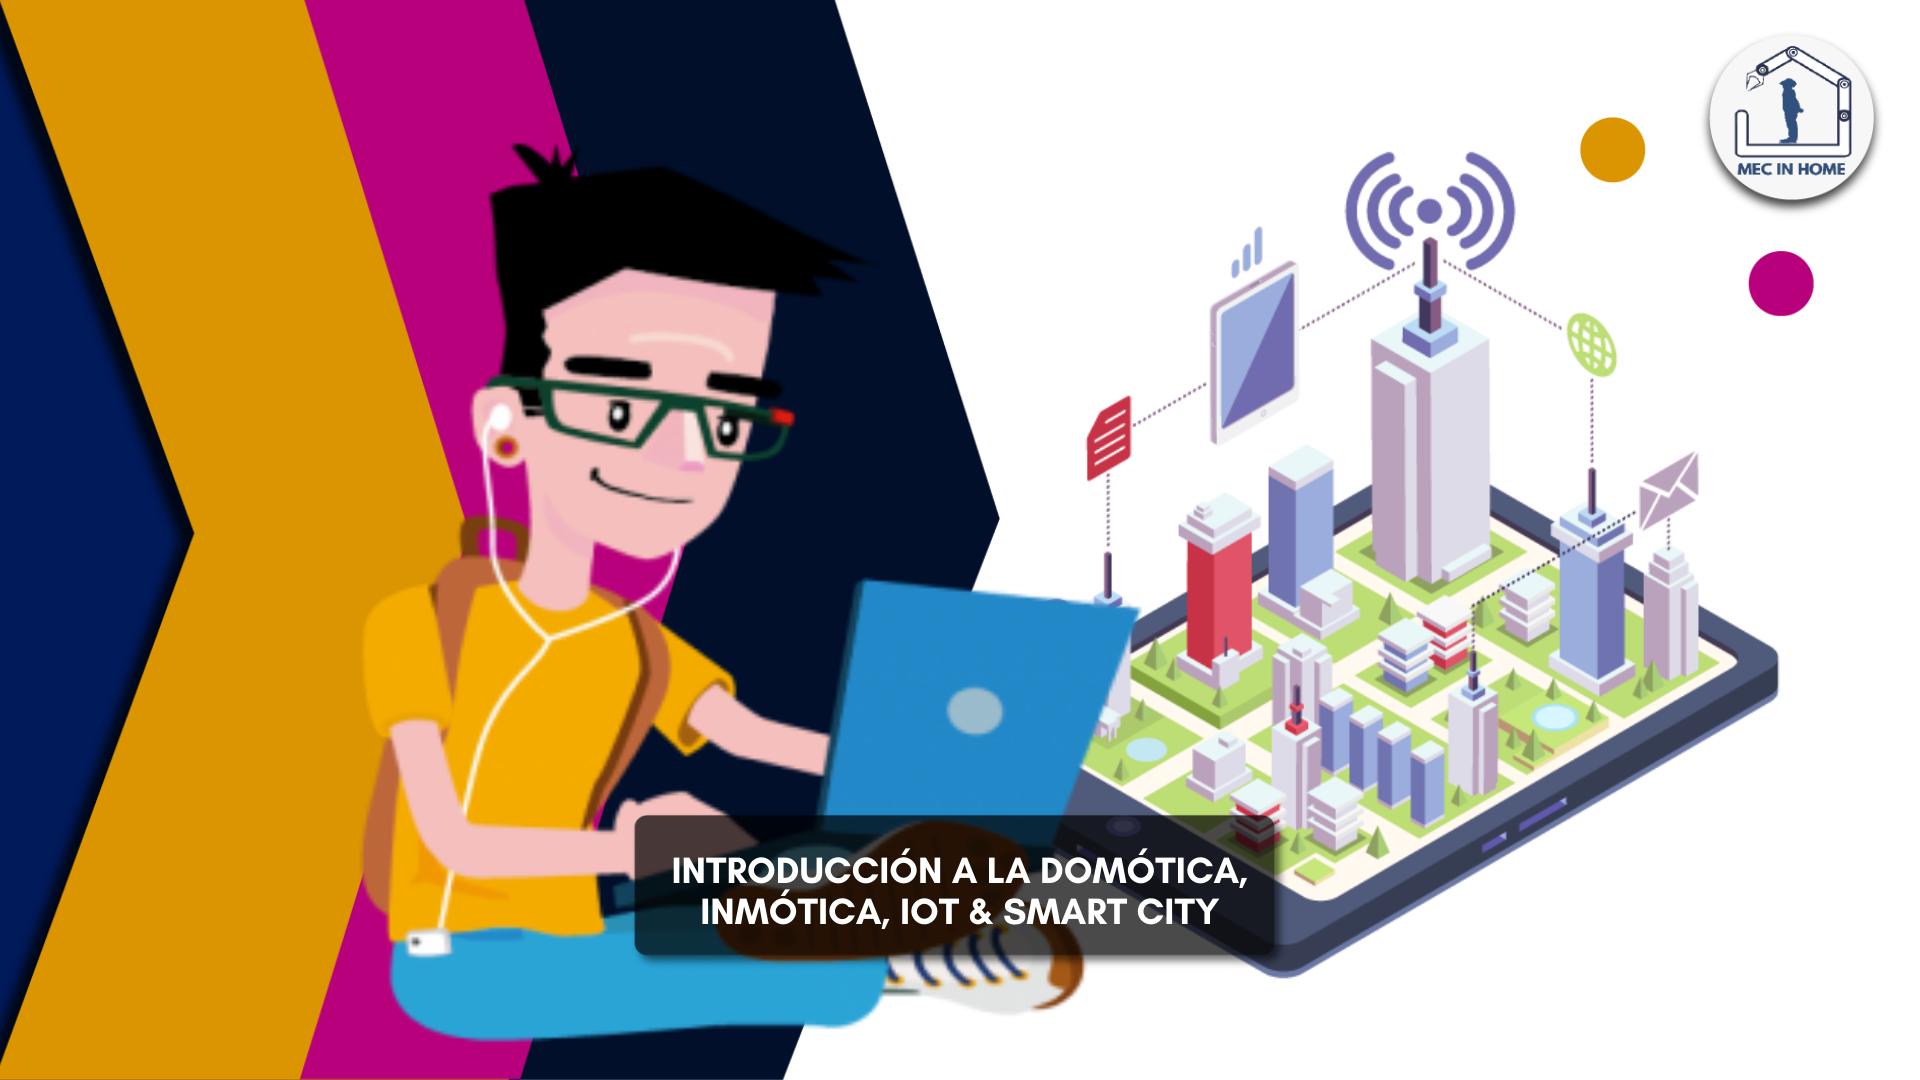 Proyectos Mec in Home (21)